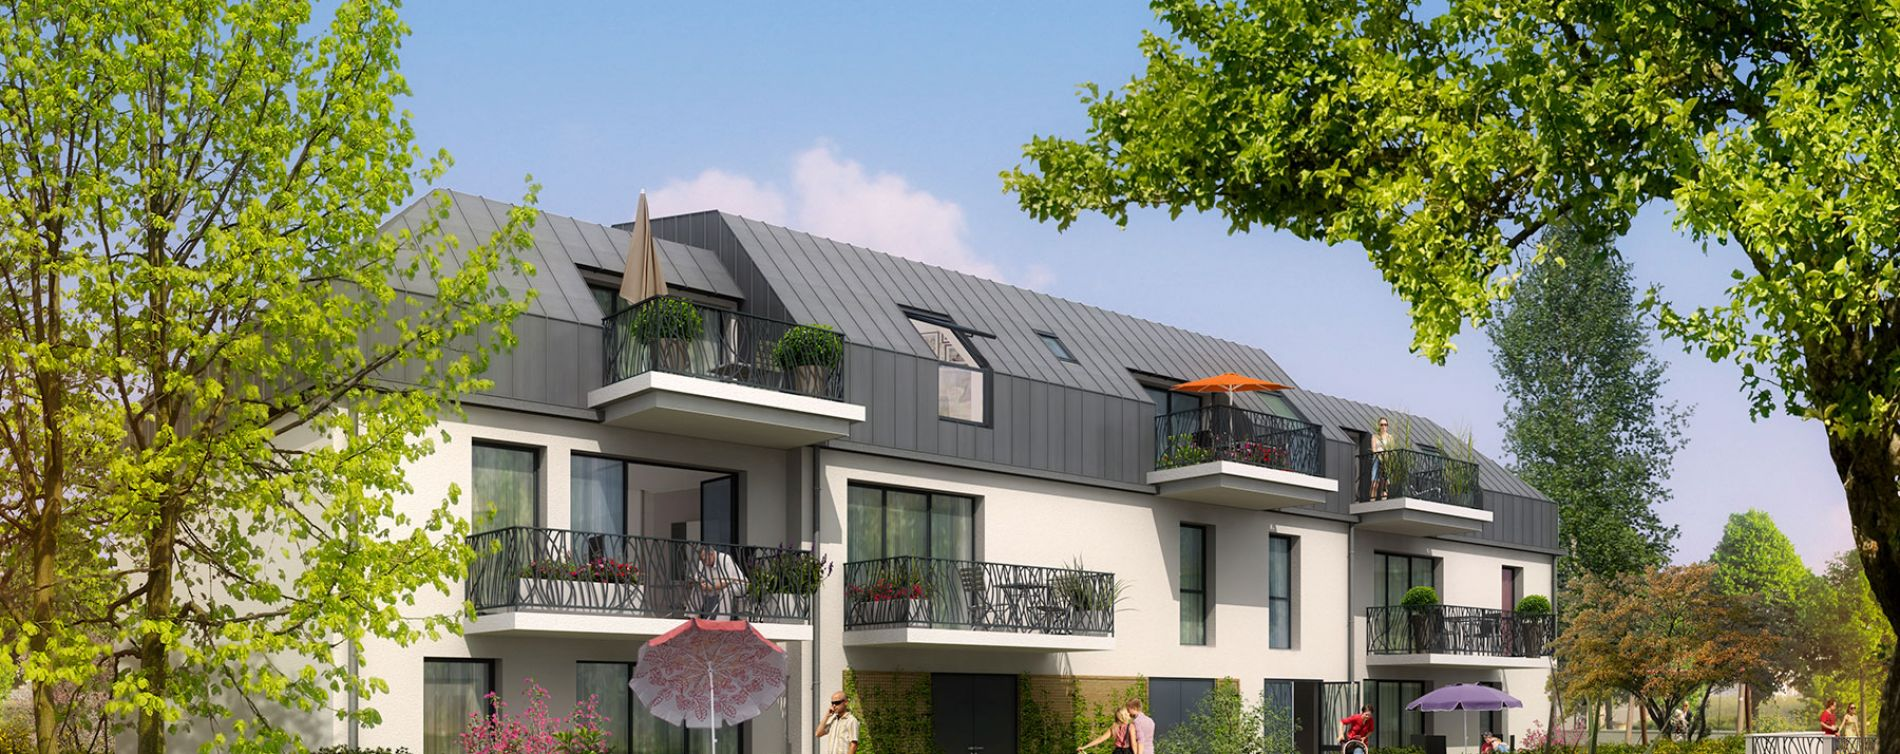 Résidence Les Jardins de Saint Ouen à Caen